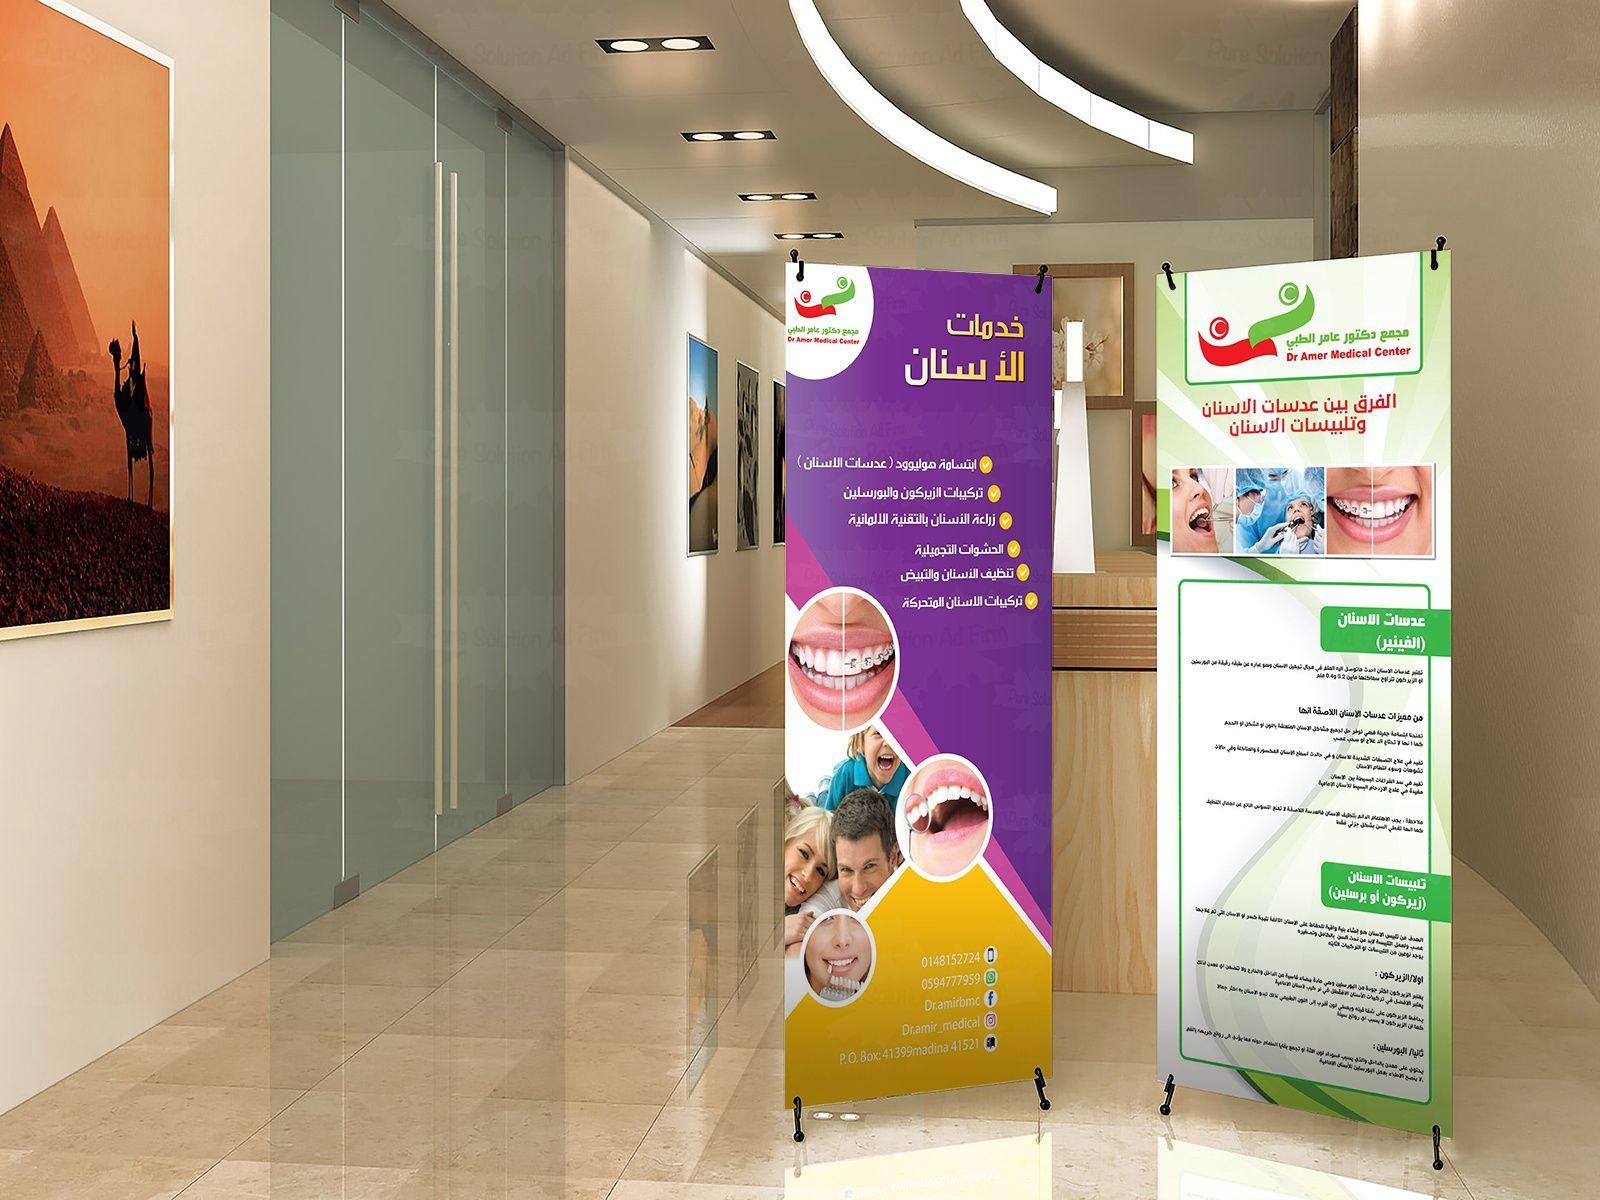 Dr Amer Medical Center Roll Up Banner Medical Center Medical Conferences Clinic Logo